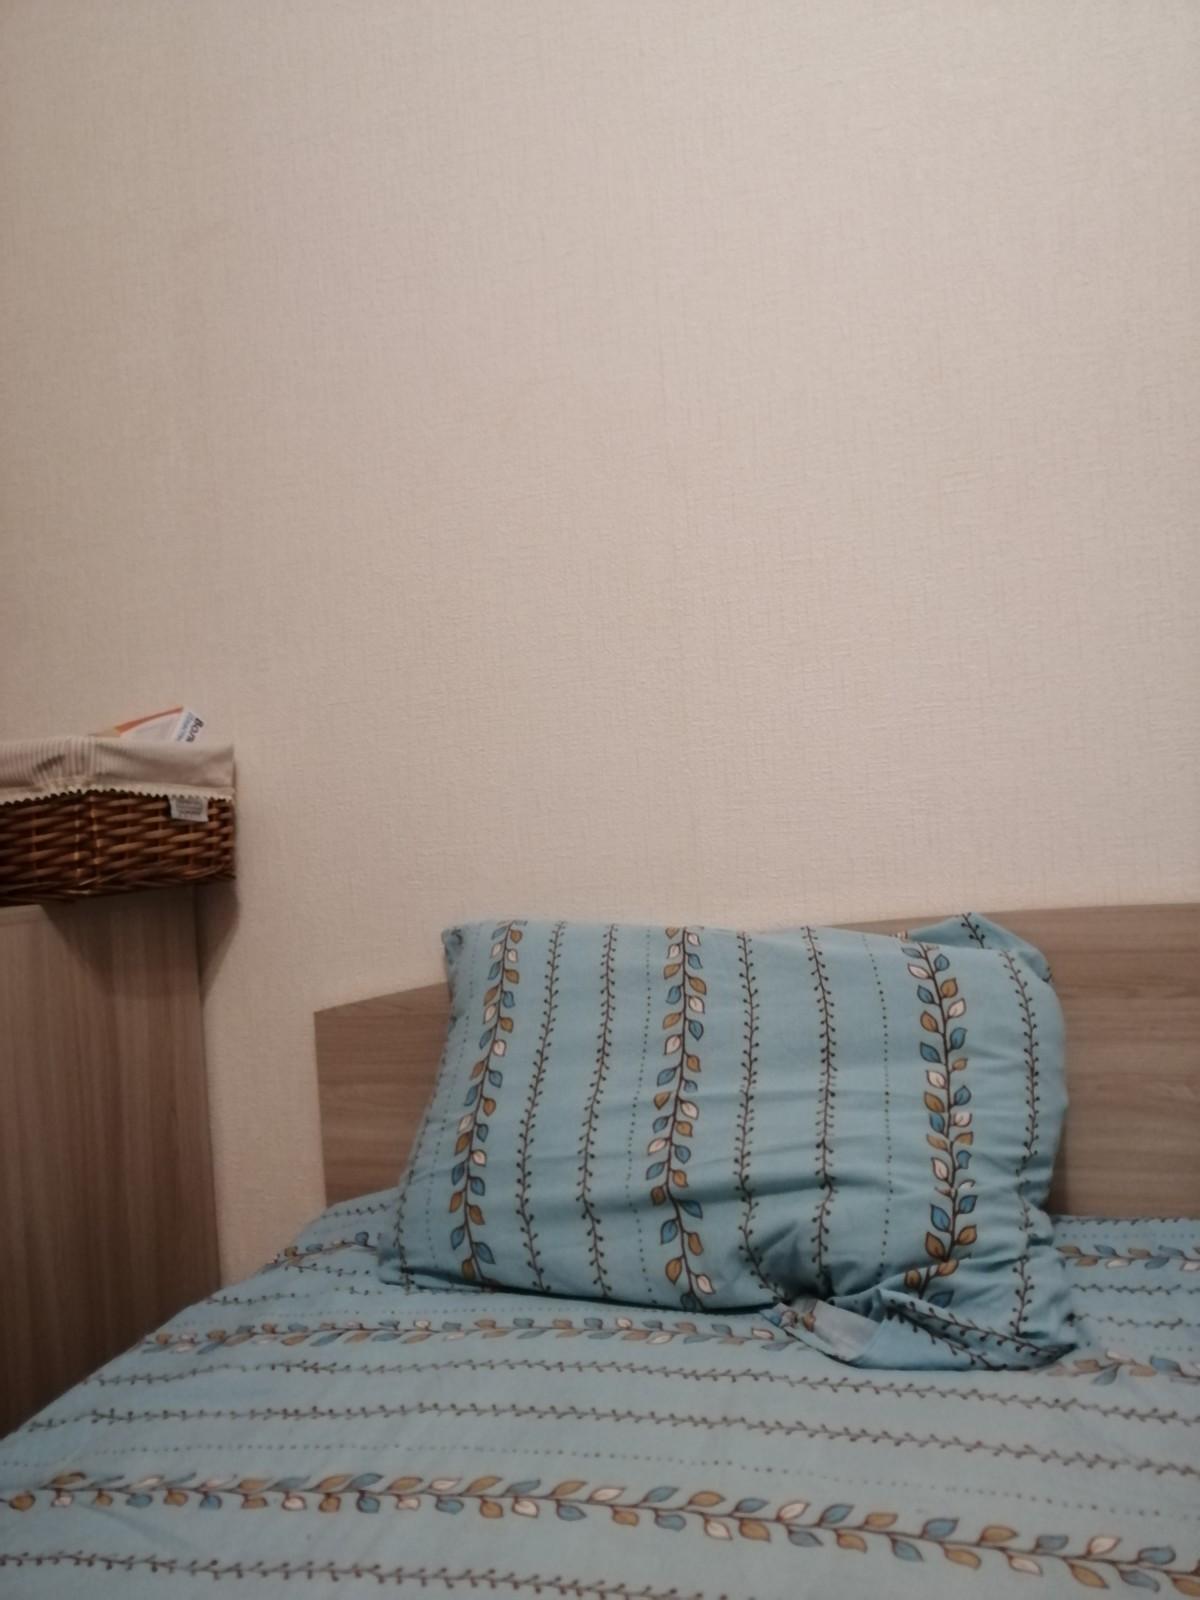 Один будний день журналиста и писателя в коммуне, Санкт-Петербург, фото 23